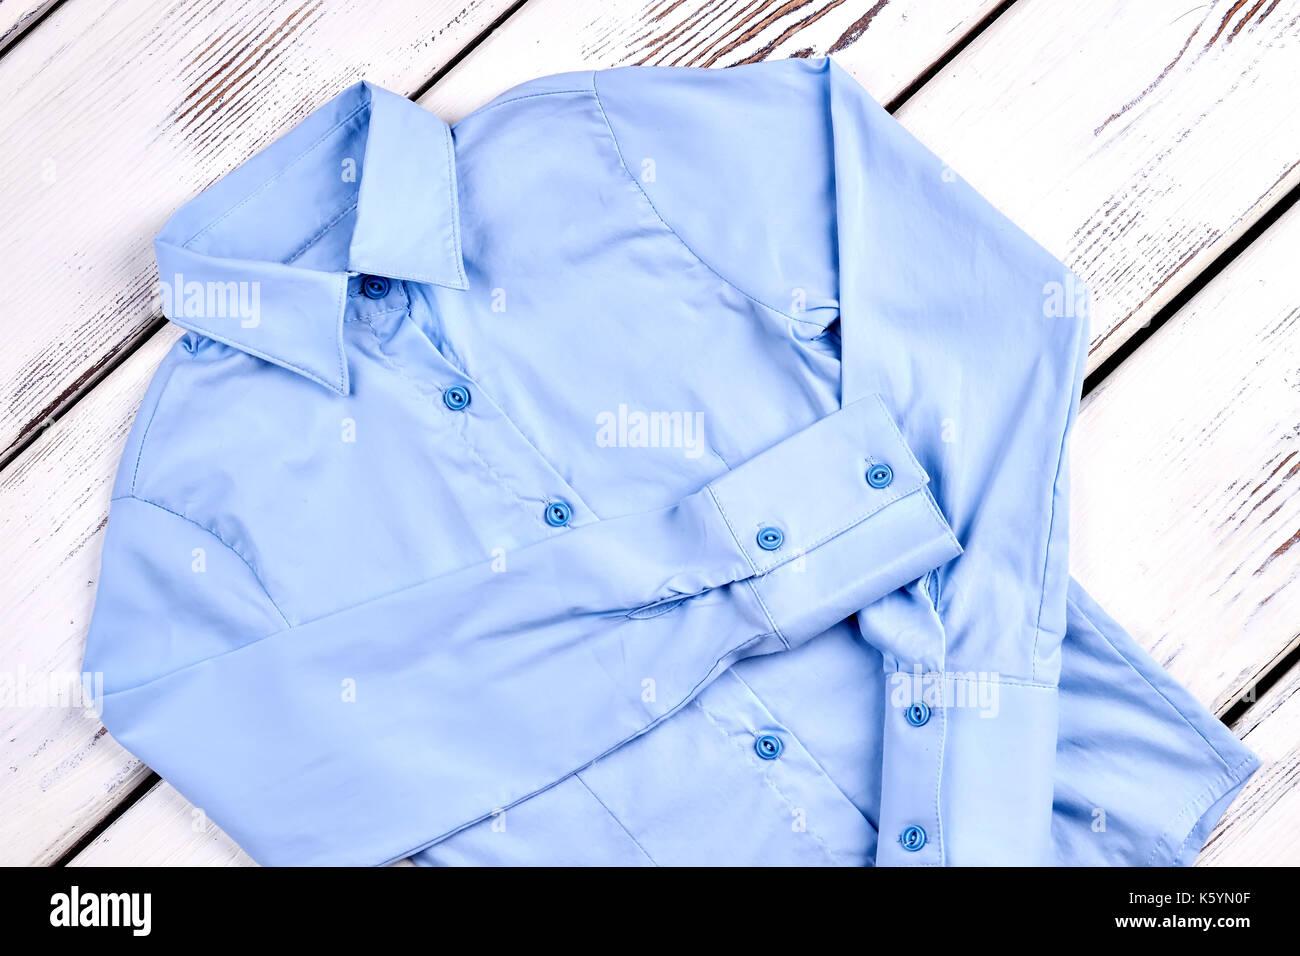 New Light Blue Formal Shirt Girls Beautiful Brand Long Sleeve Blue